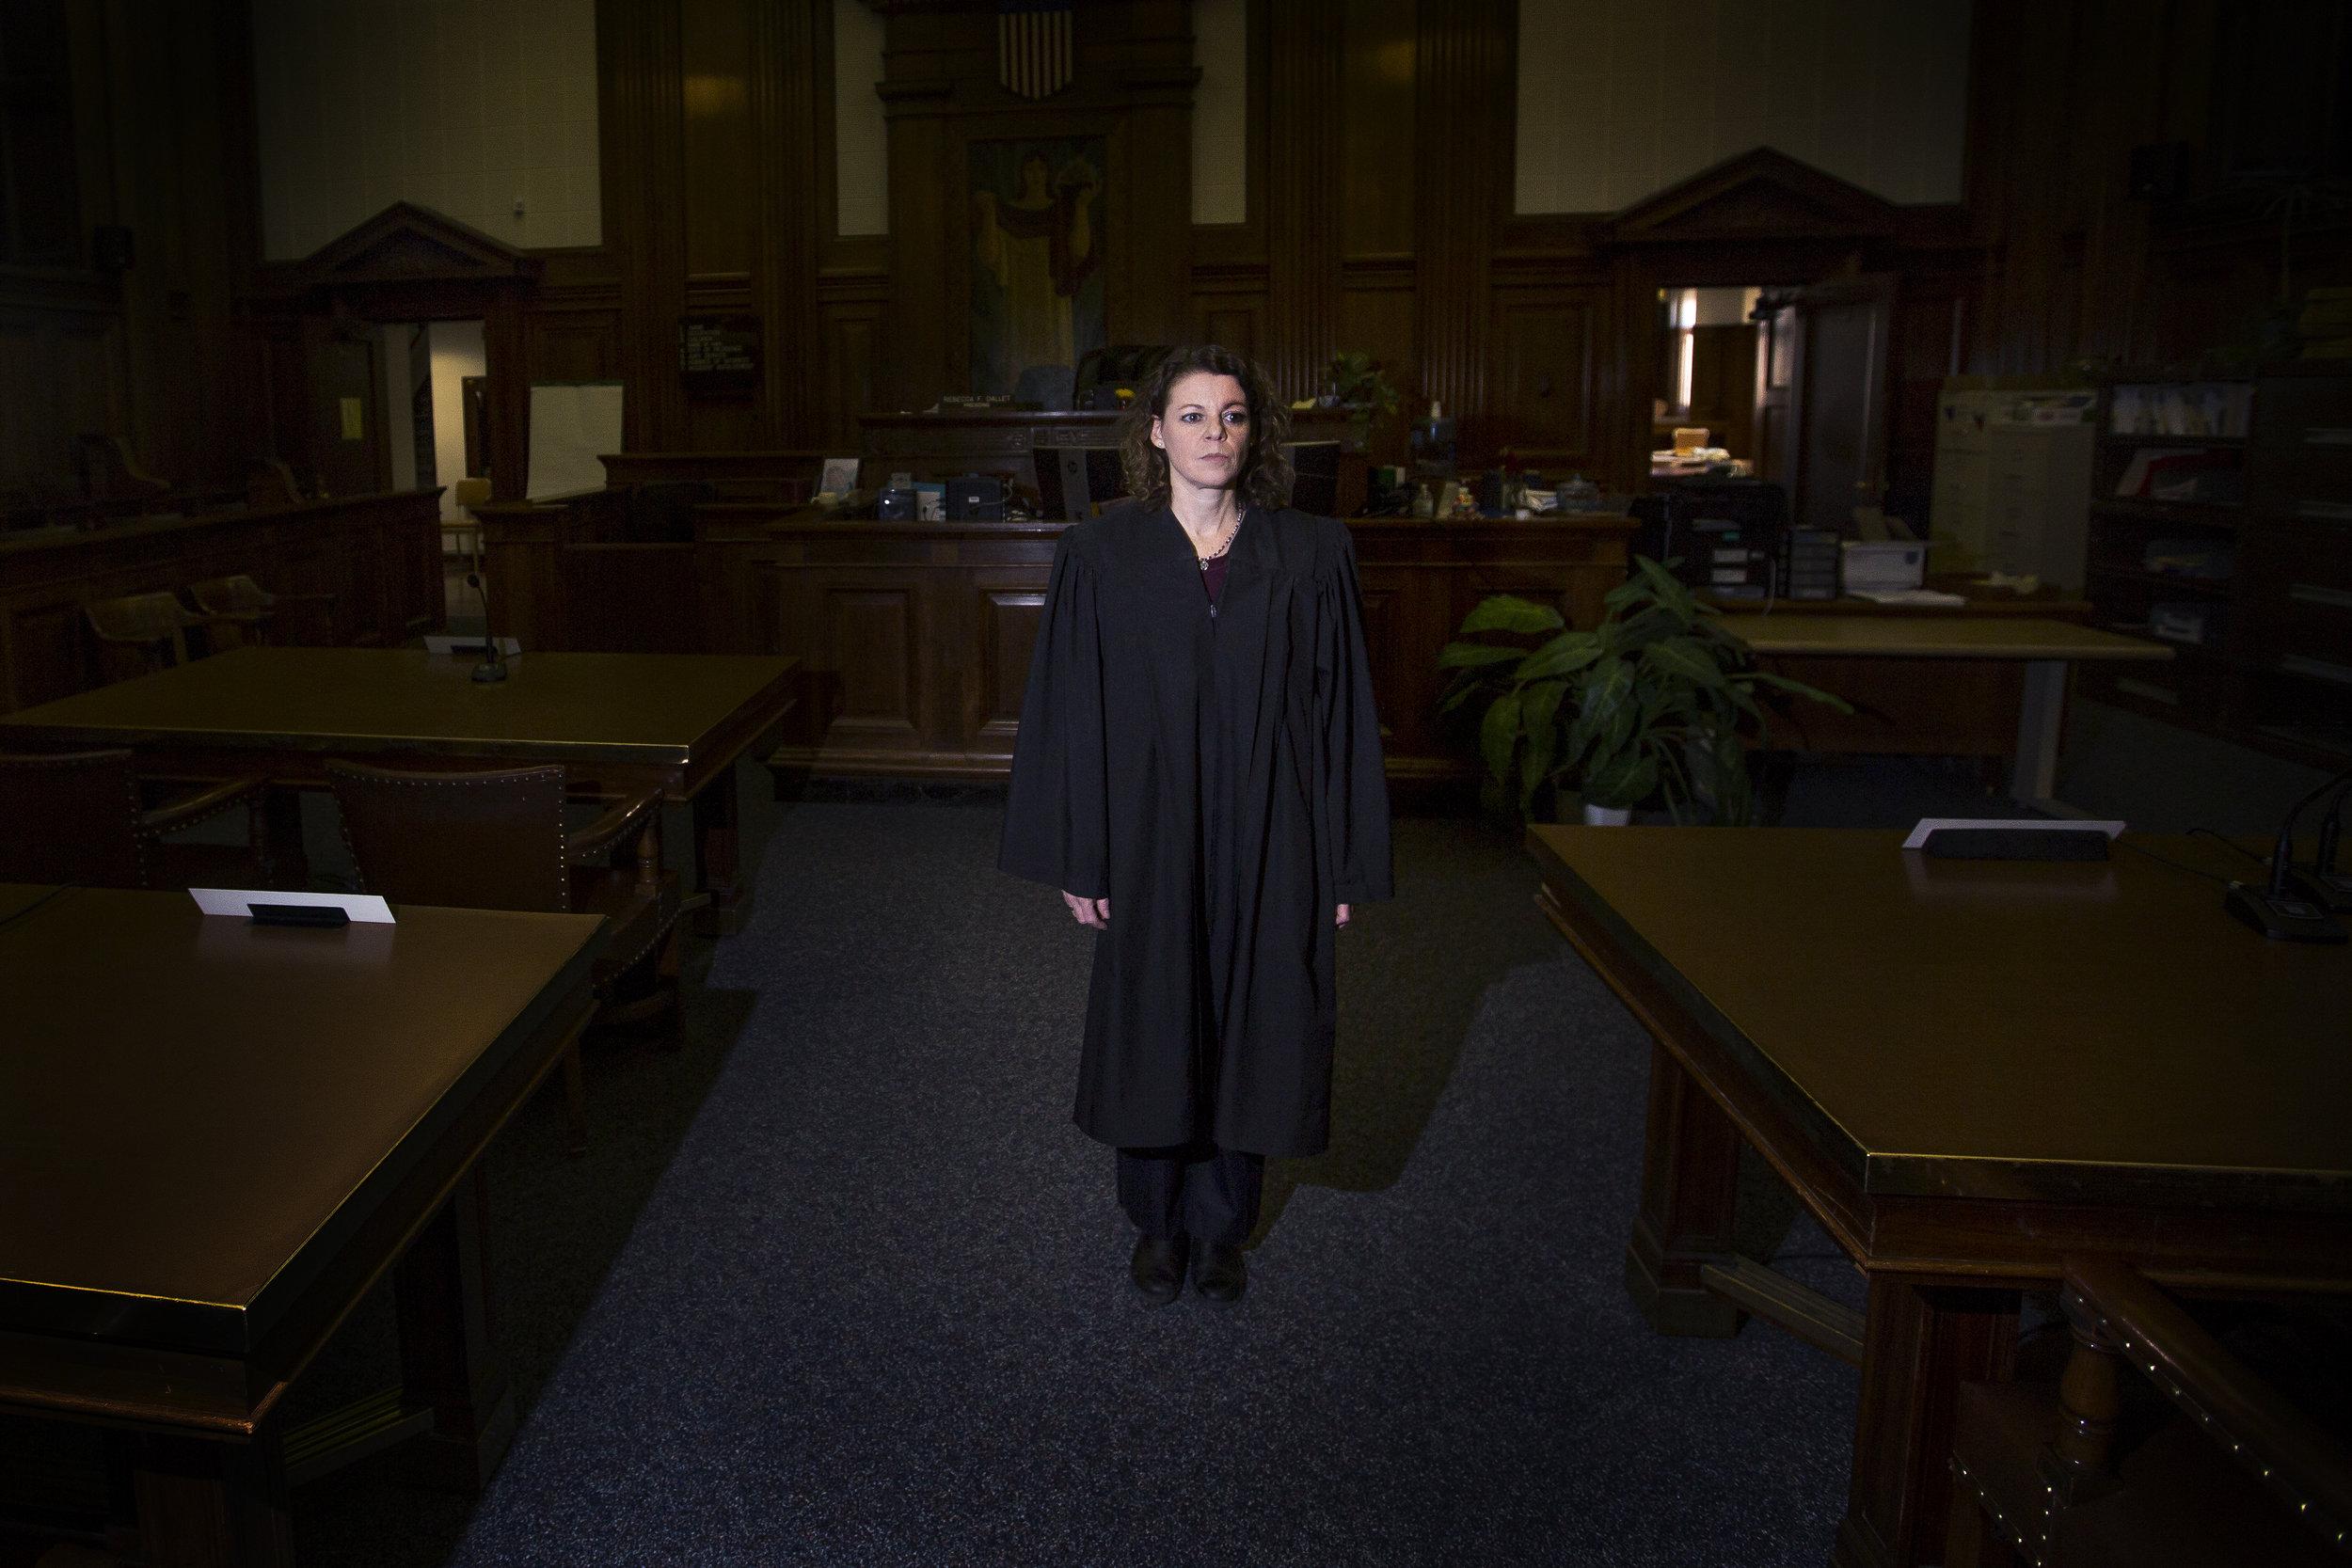 021618 Judge Dallet - metoo 03.jpg